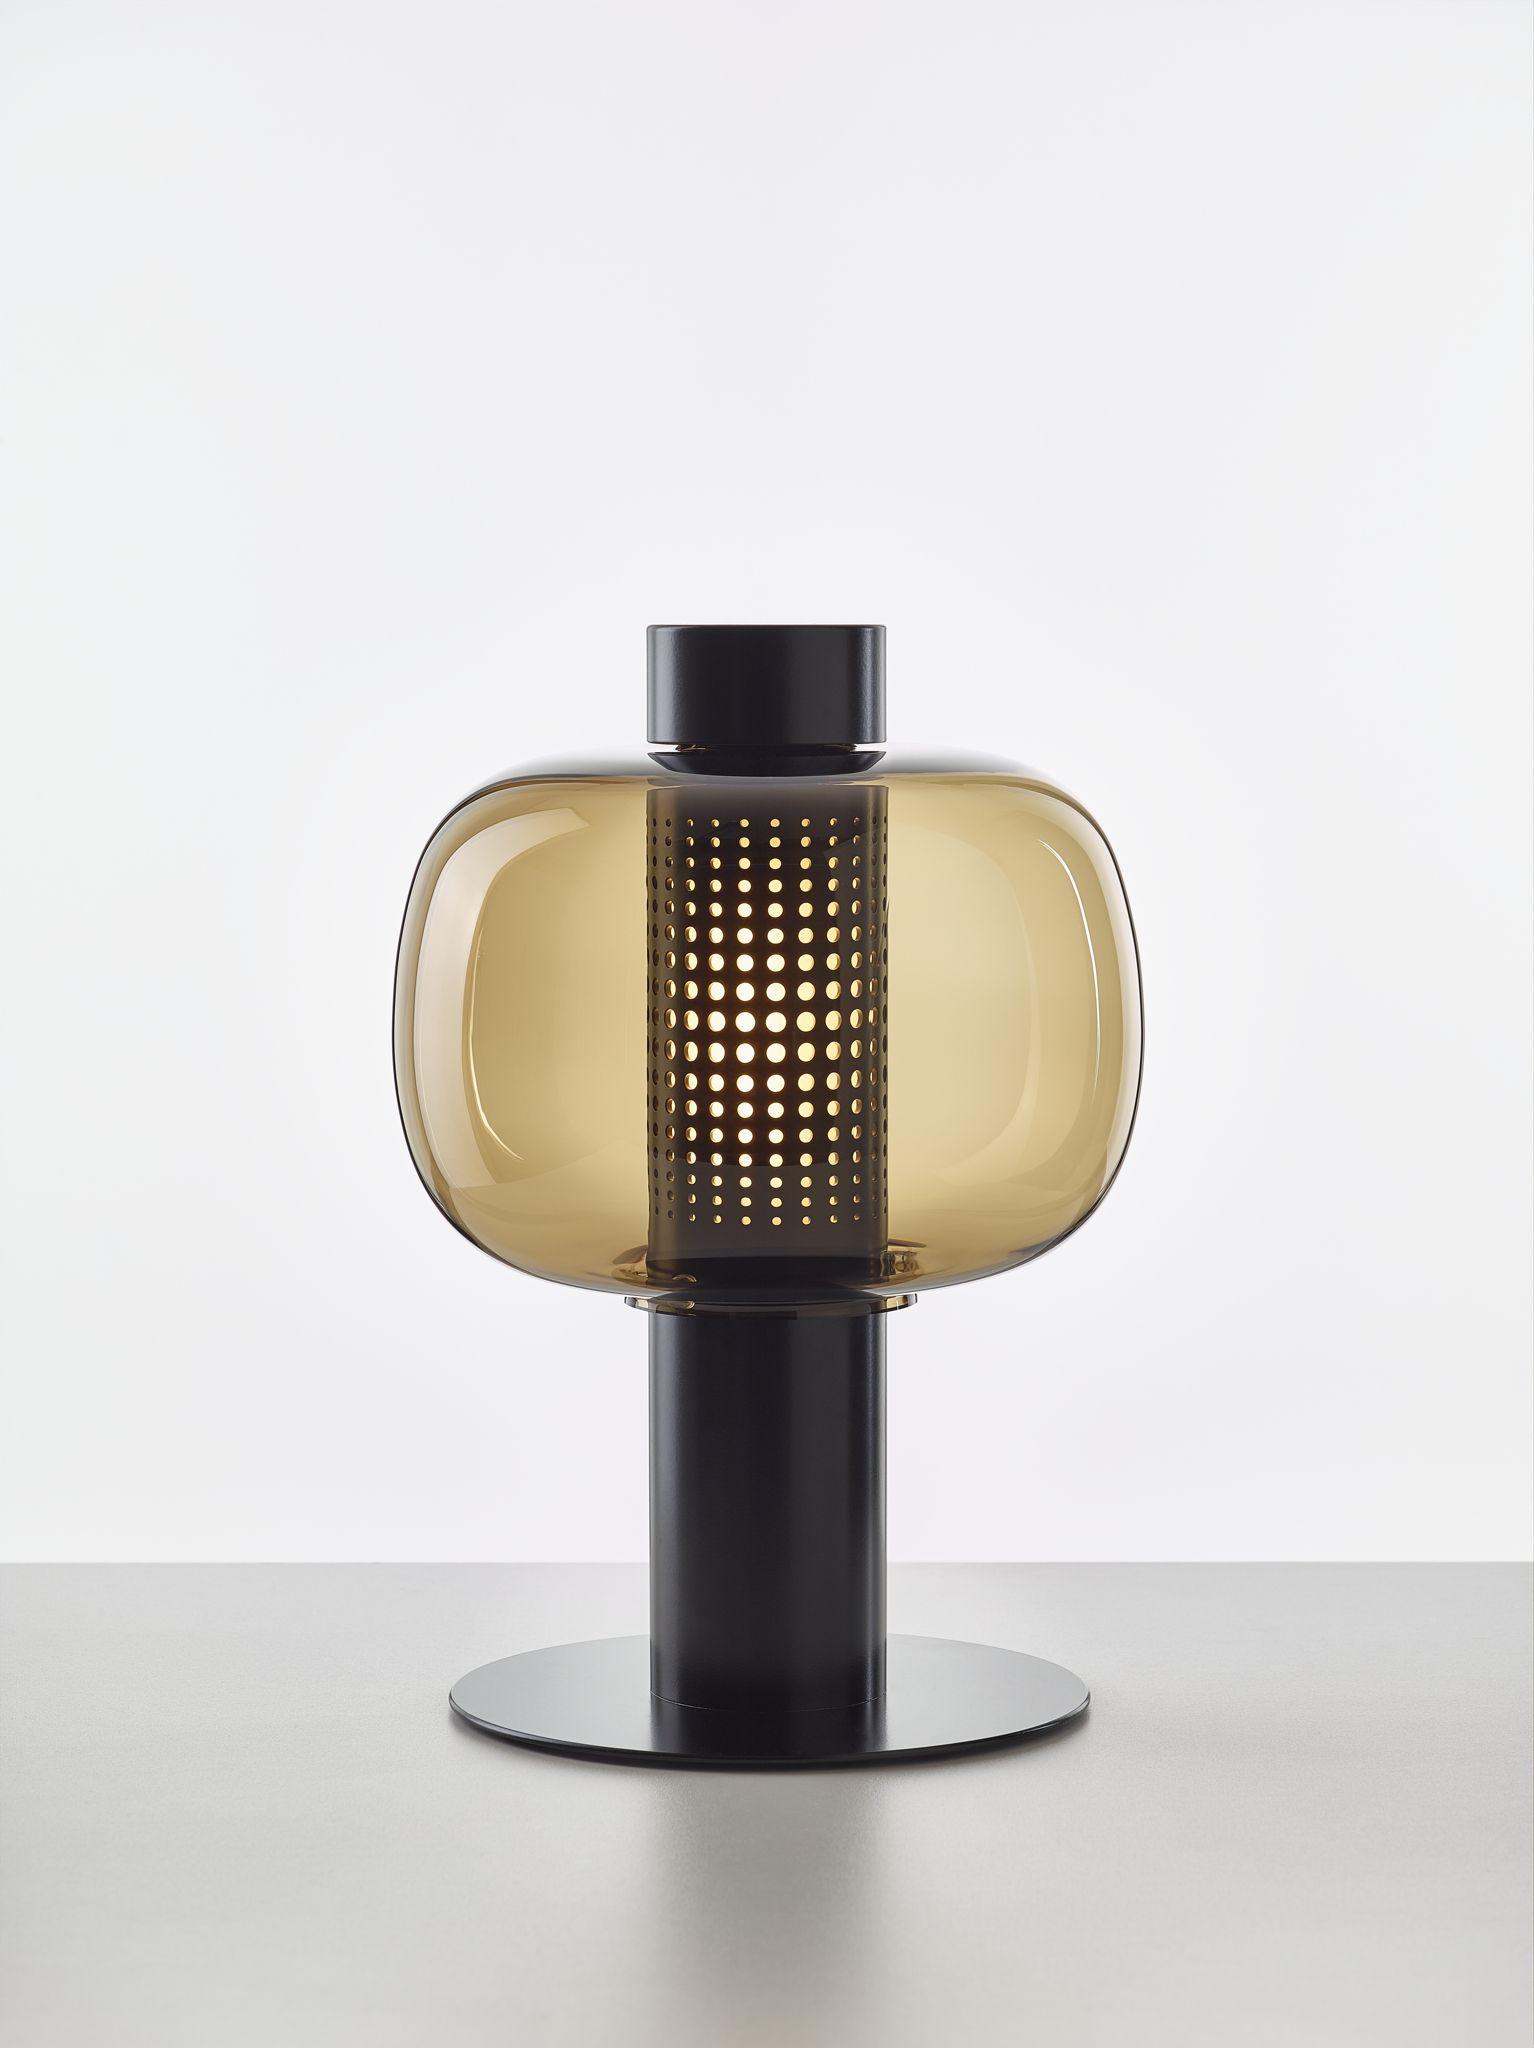 Brokis Bonbori In 2020 Outdoor Table Lamps Lamp Decor Table Lamp